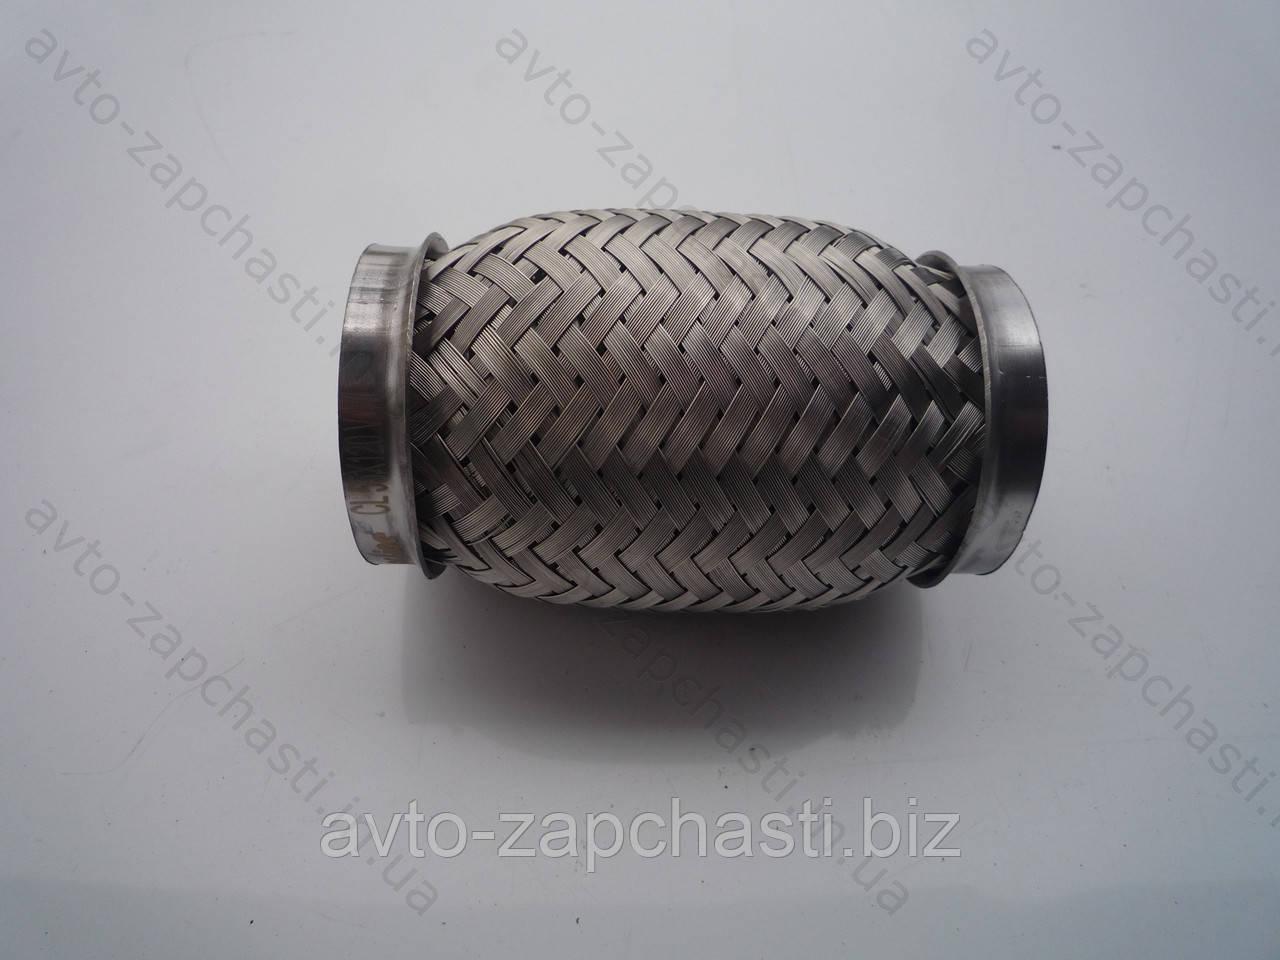 Гофра 55х120  VW  INTERLOCK (3-х слойная, короткий фланец/ нерж.сталь) (пакет) (CL 55х120 VW)